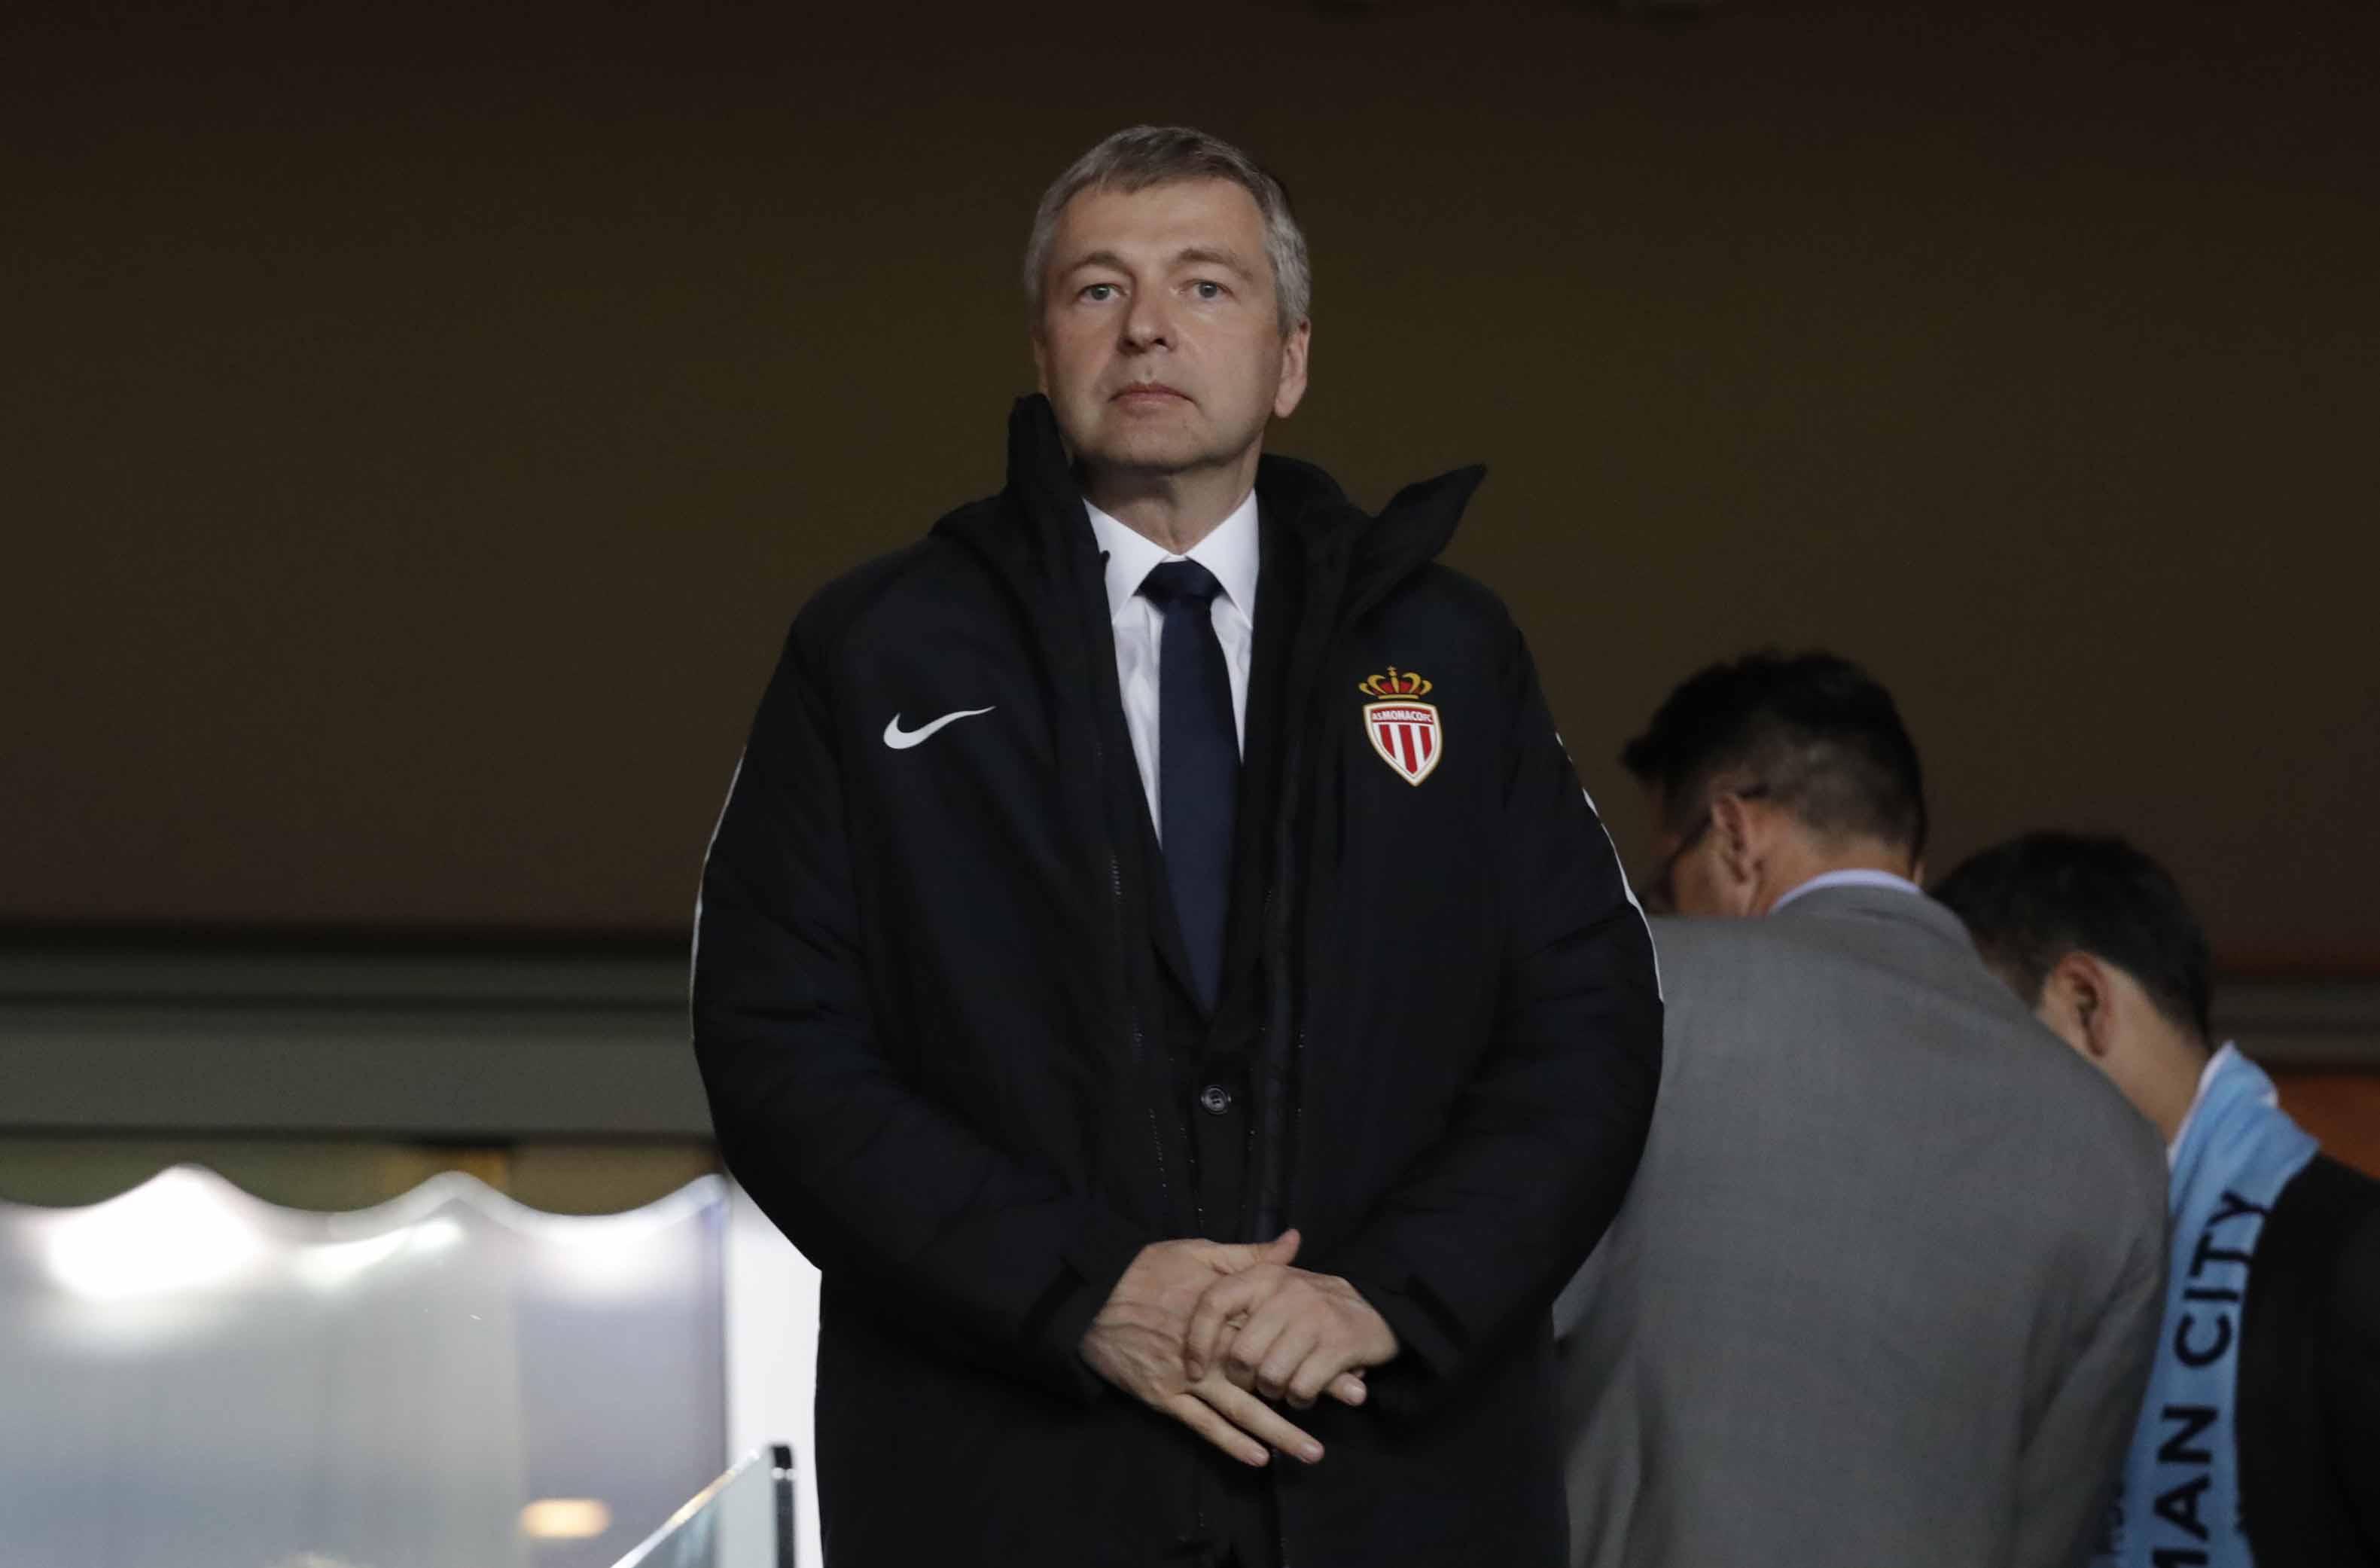 Football - Ligue 1 - Monaco : Rybolovlev proche d'un départ ?